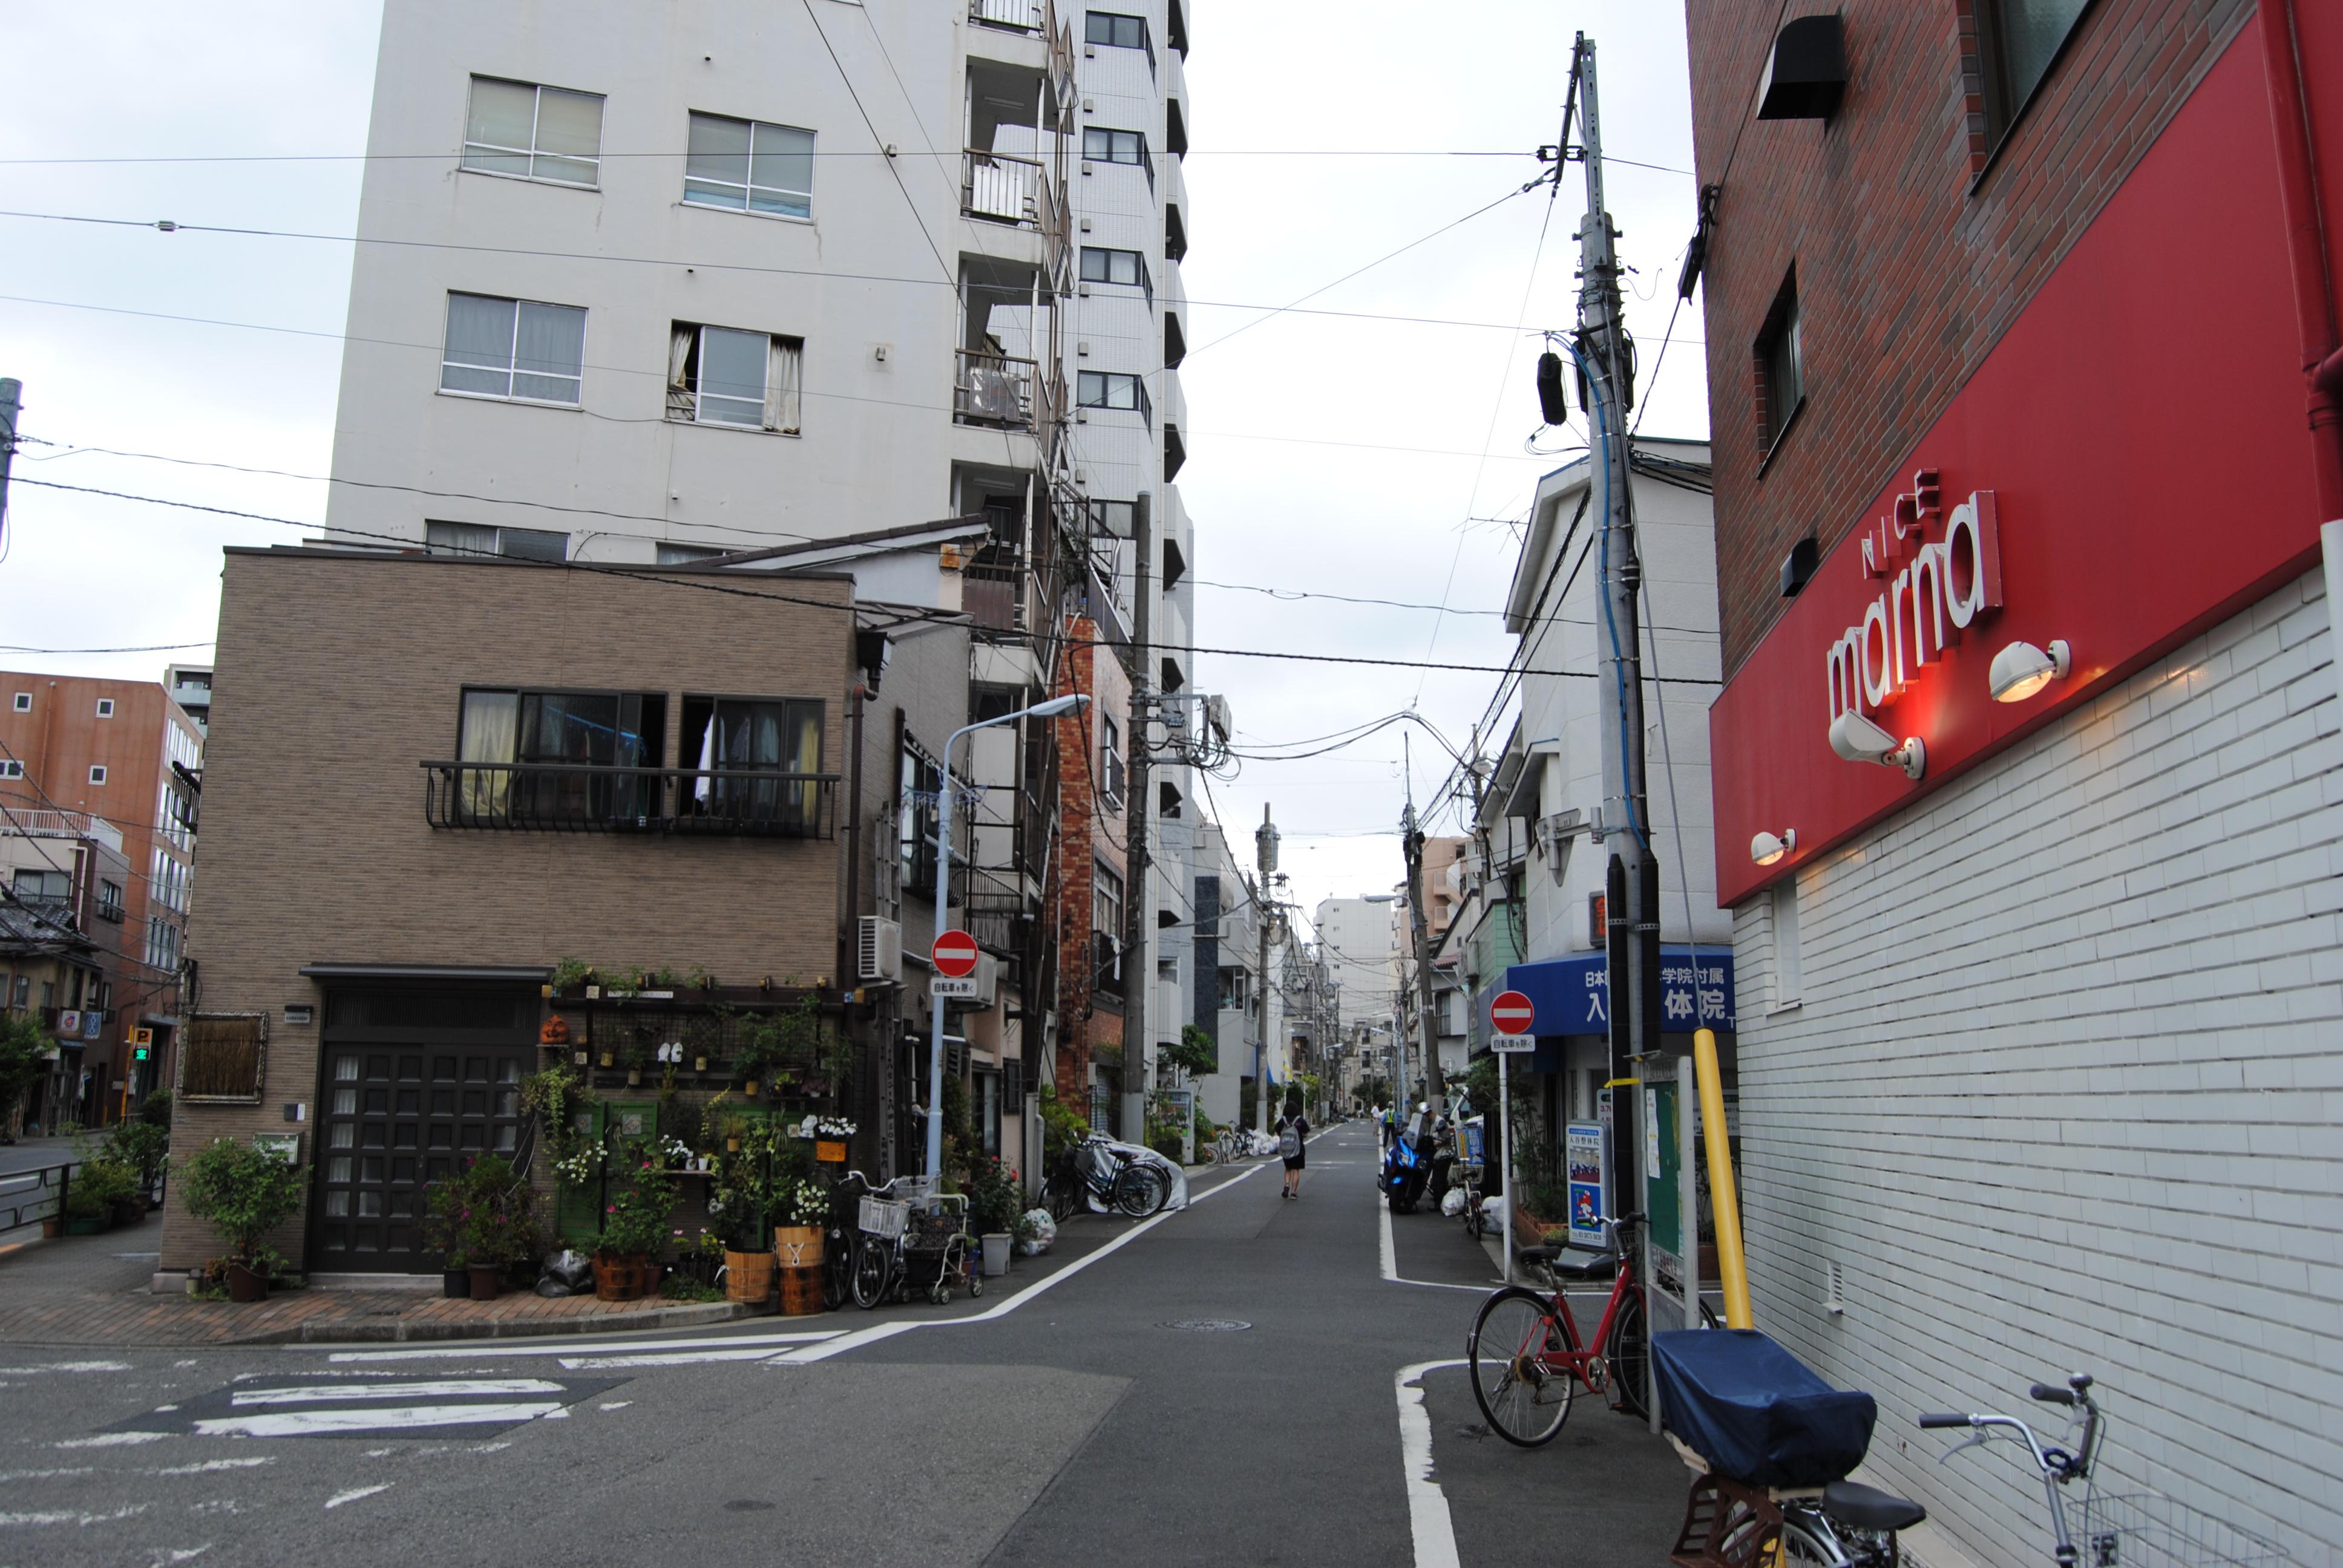 Calle de Tokyo